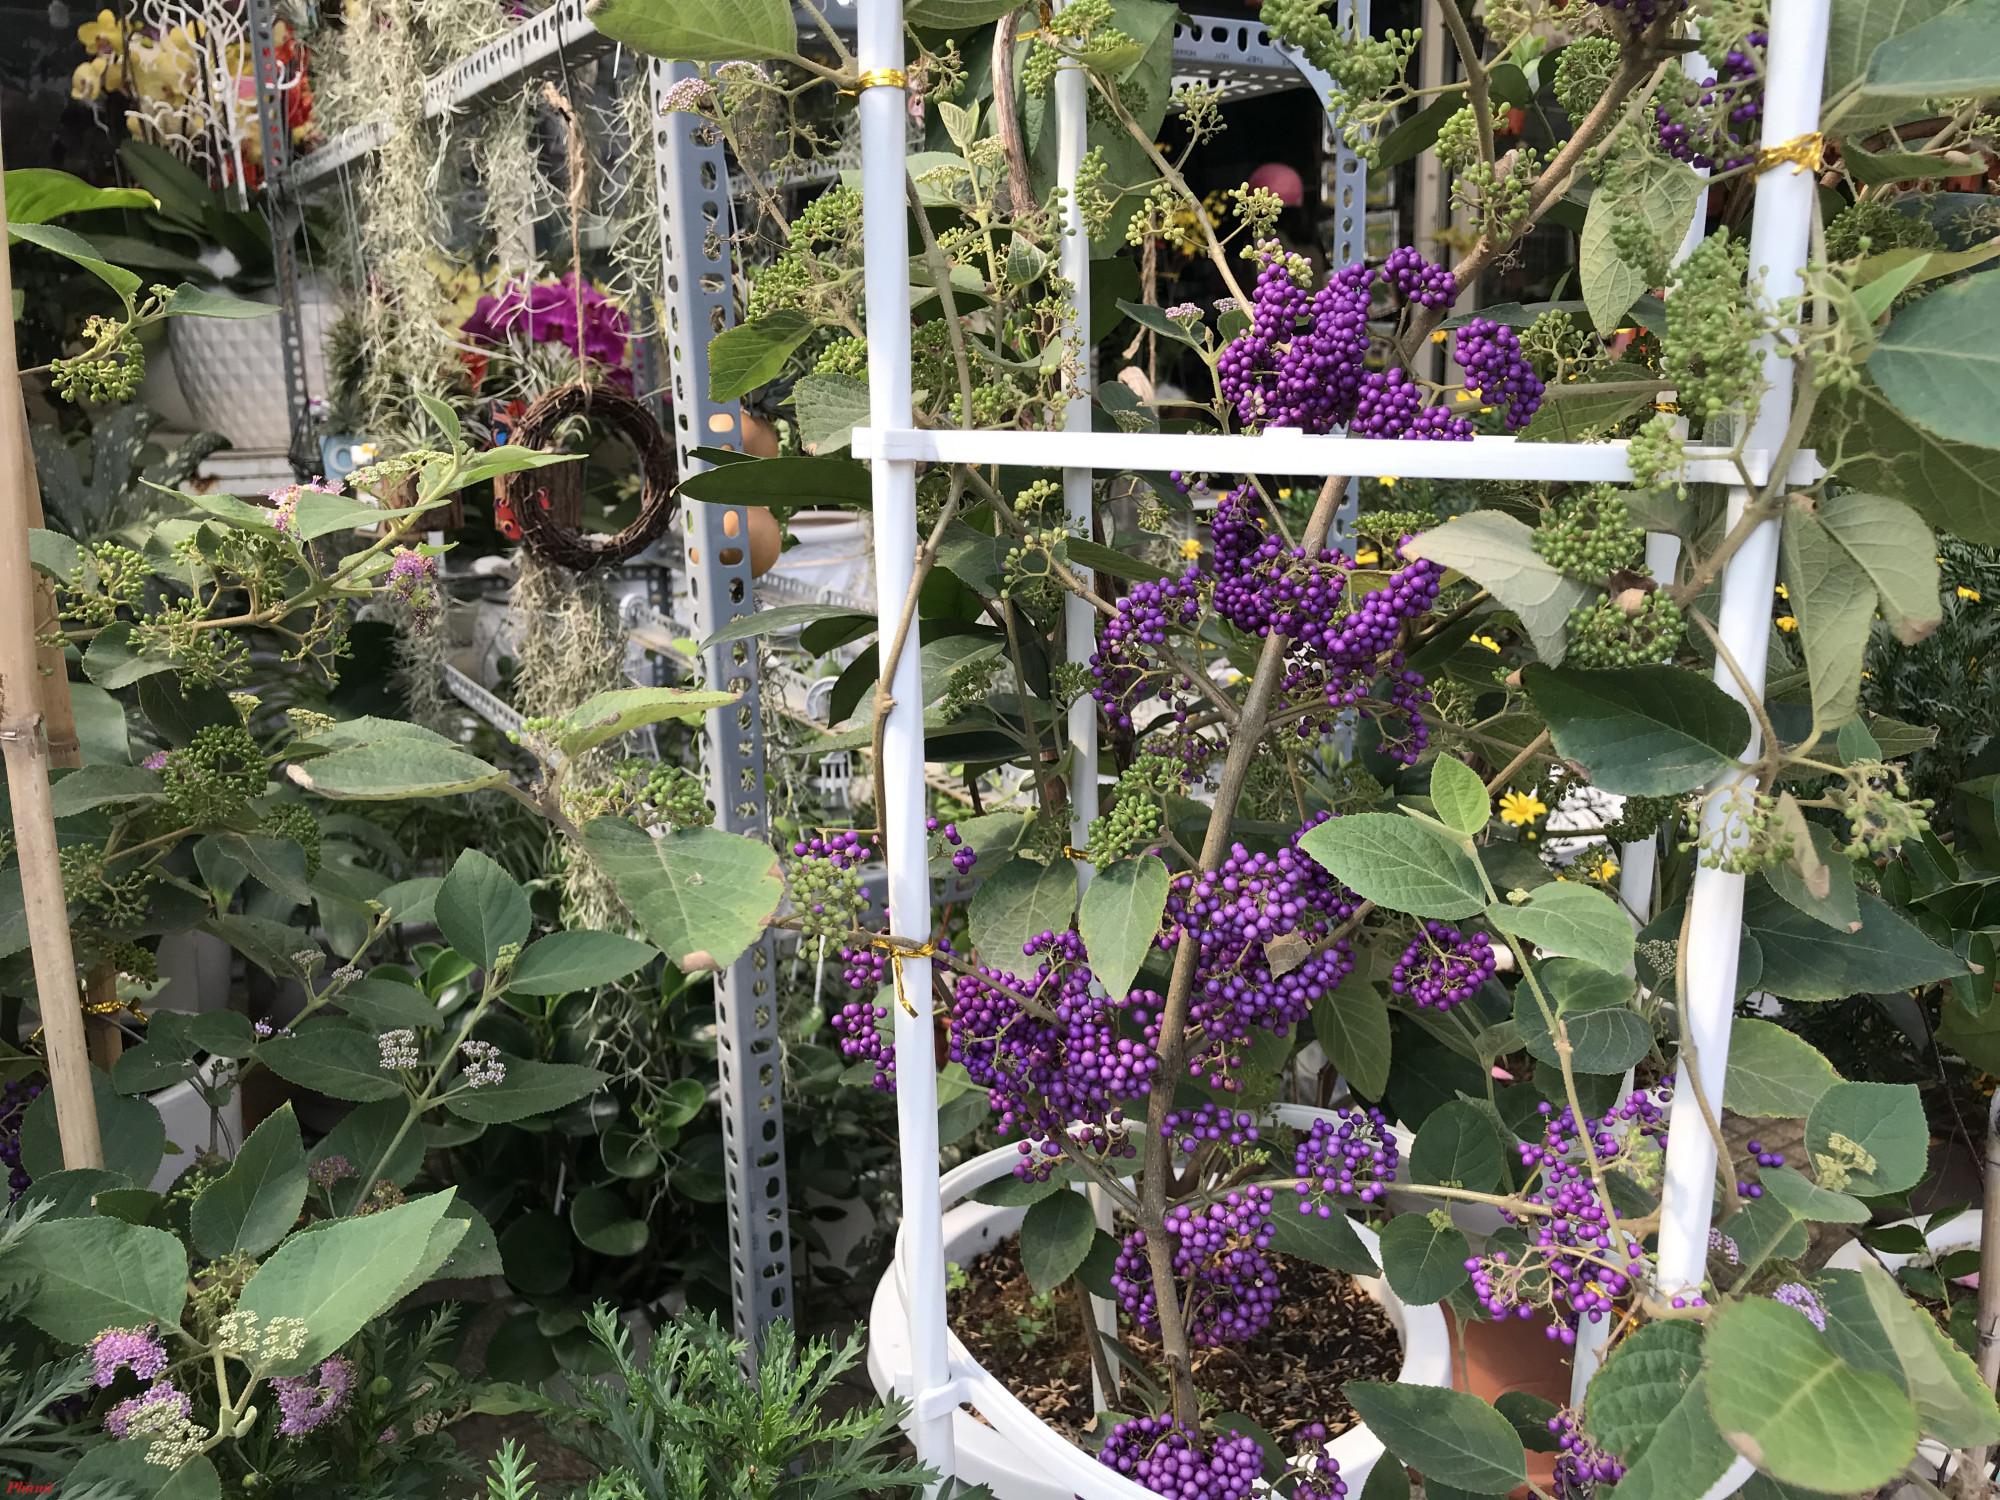 Nhiều loại hoa độc la với giá tiền triệu thu tại điểm bán hoa Thành Thái (quận 10, TPHCM)